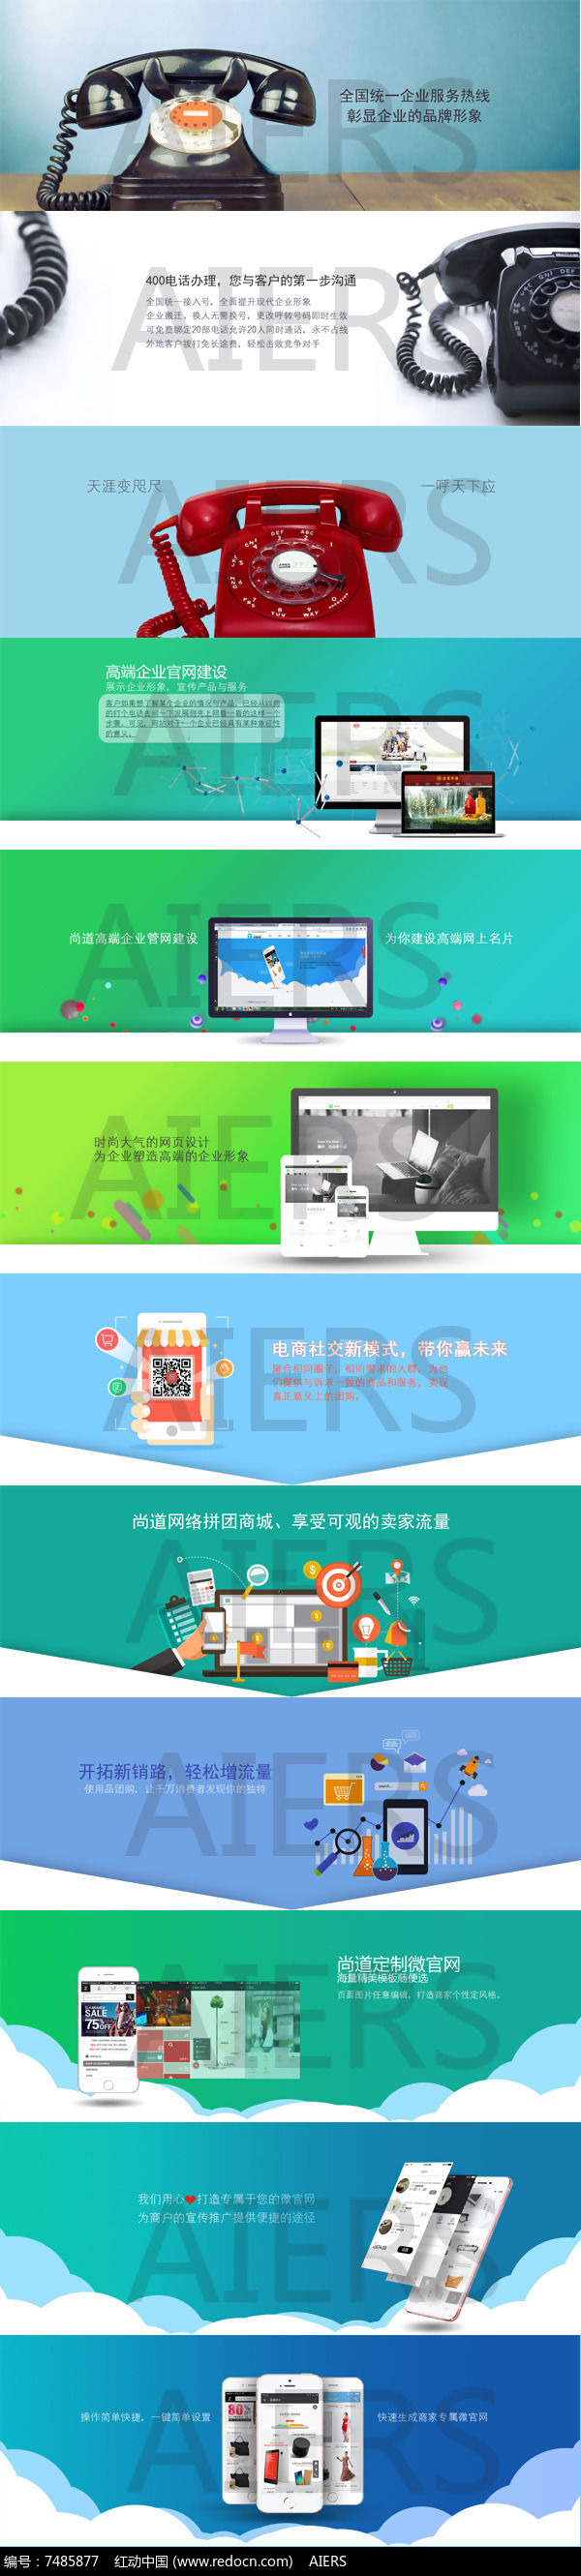 网络公司网站banner设计图片